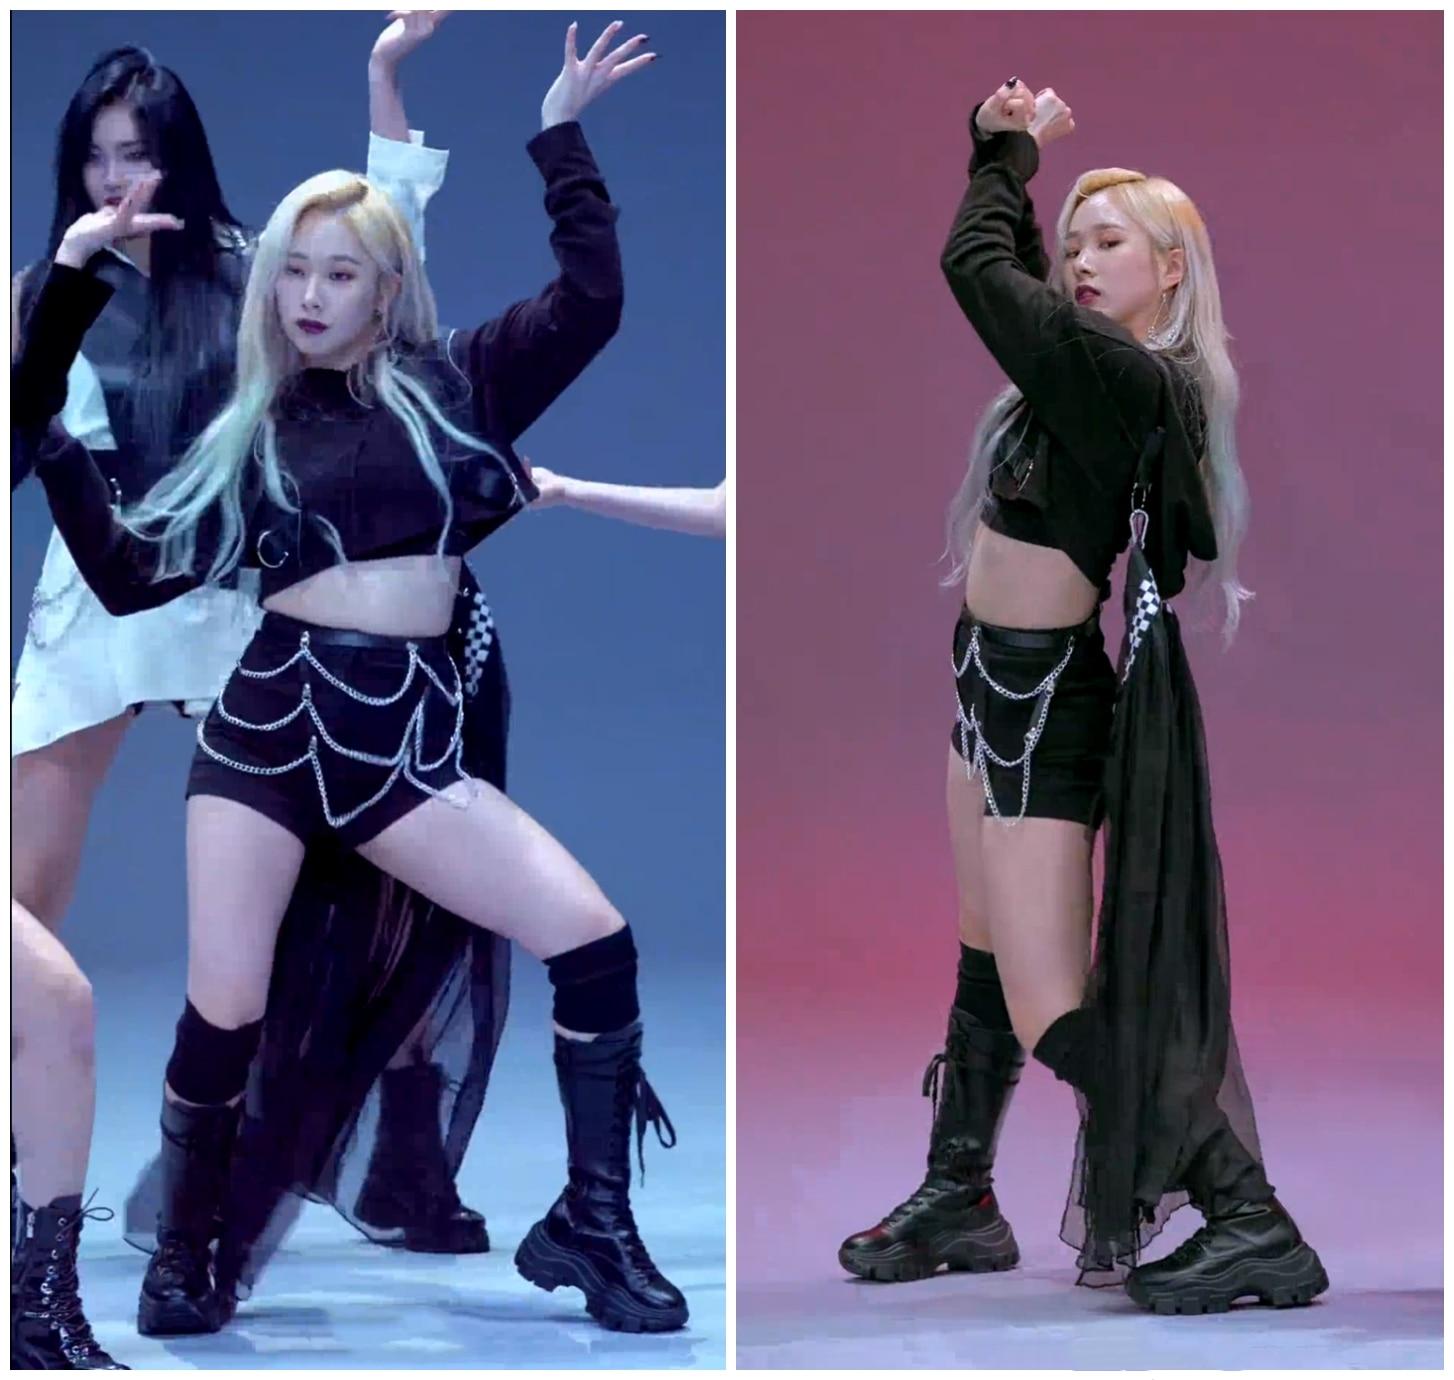 Kpop كوريا فتاة مجموعة الجاز الرقص تظهر أسود طويل الأكمام البلوز هوديس بلوزات بلوزات + مثير ضئيلة عالية الخصر السراويل النساء مجموعات